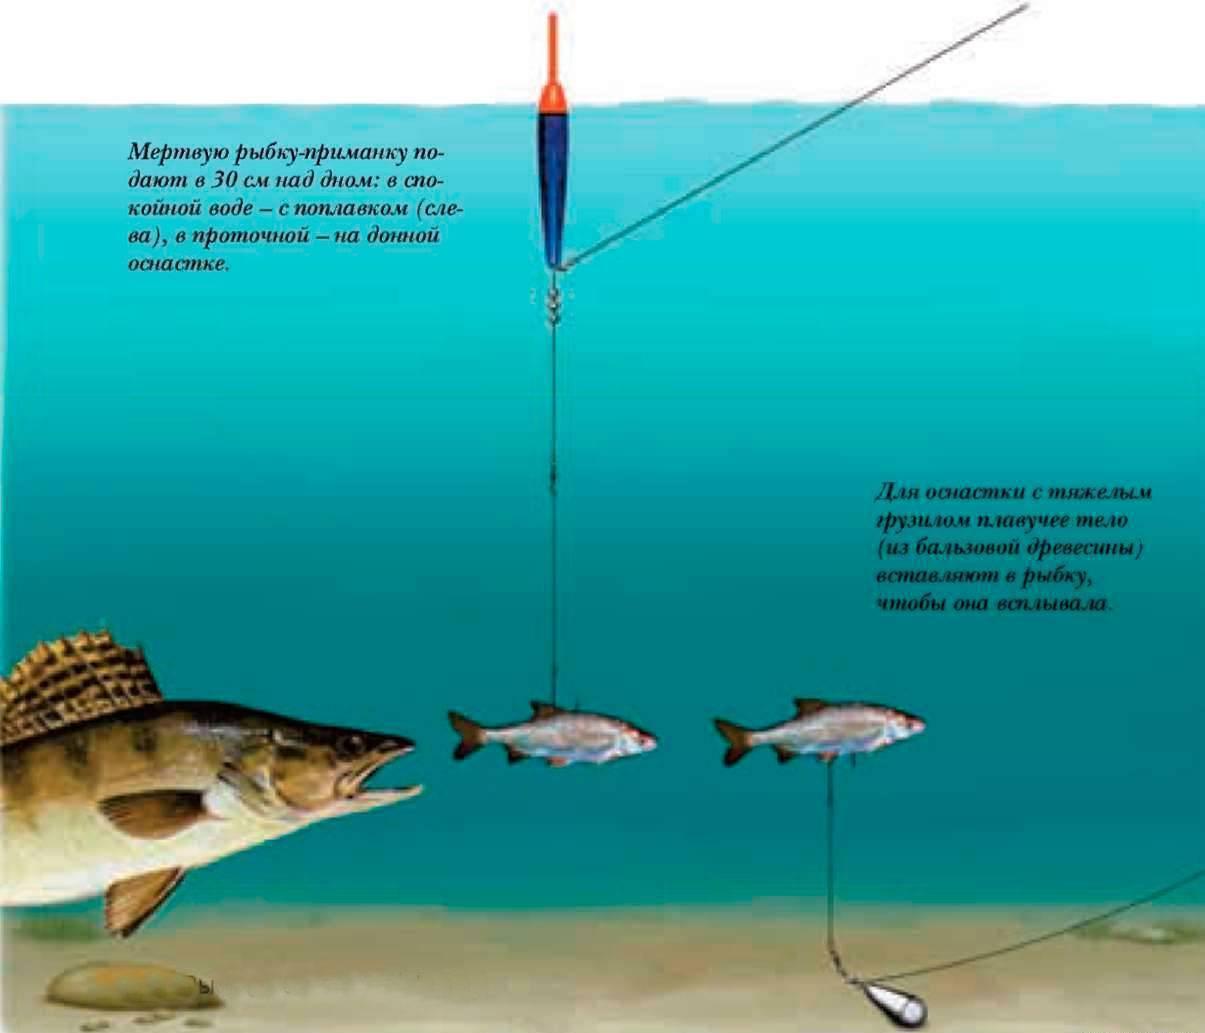 Что такое бровка и другие загадки речных глубин | все о рыбалке - где и как ловить рыбу, снасти и приманки